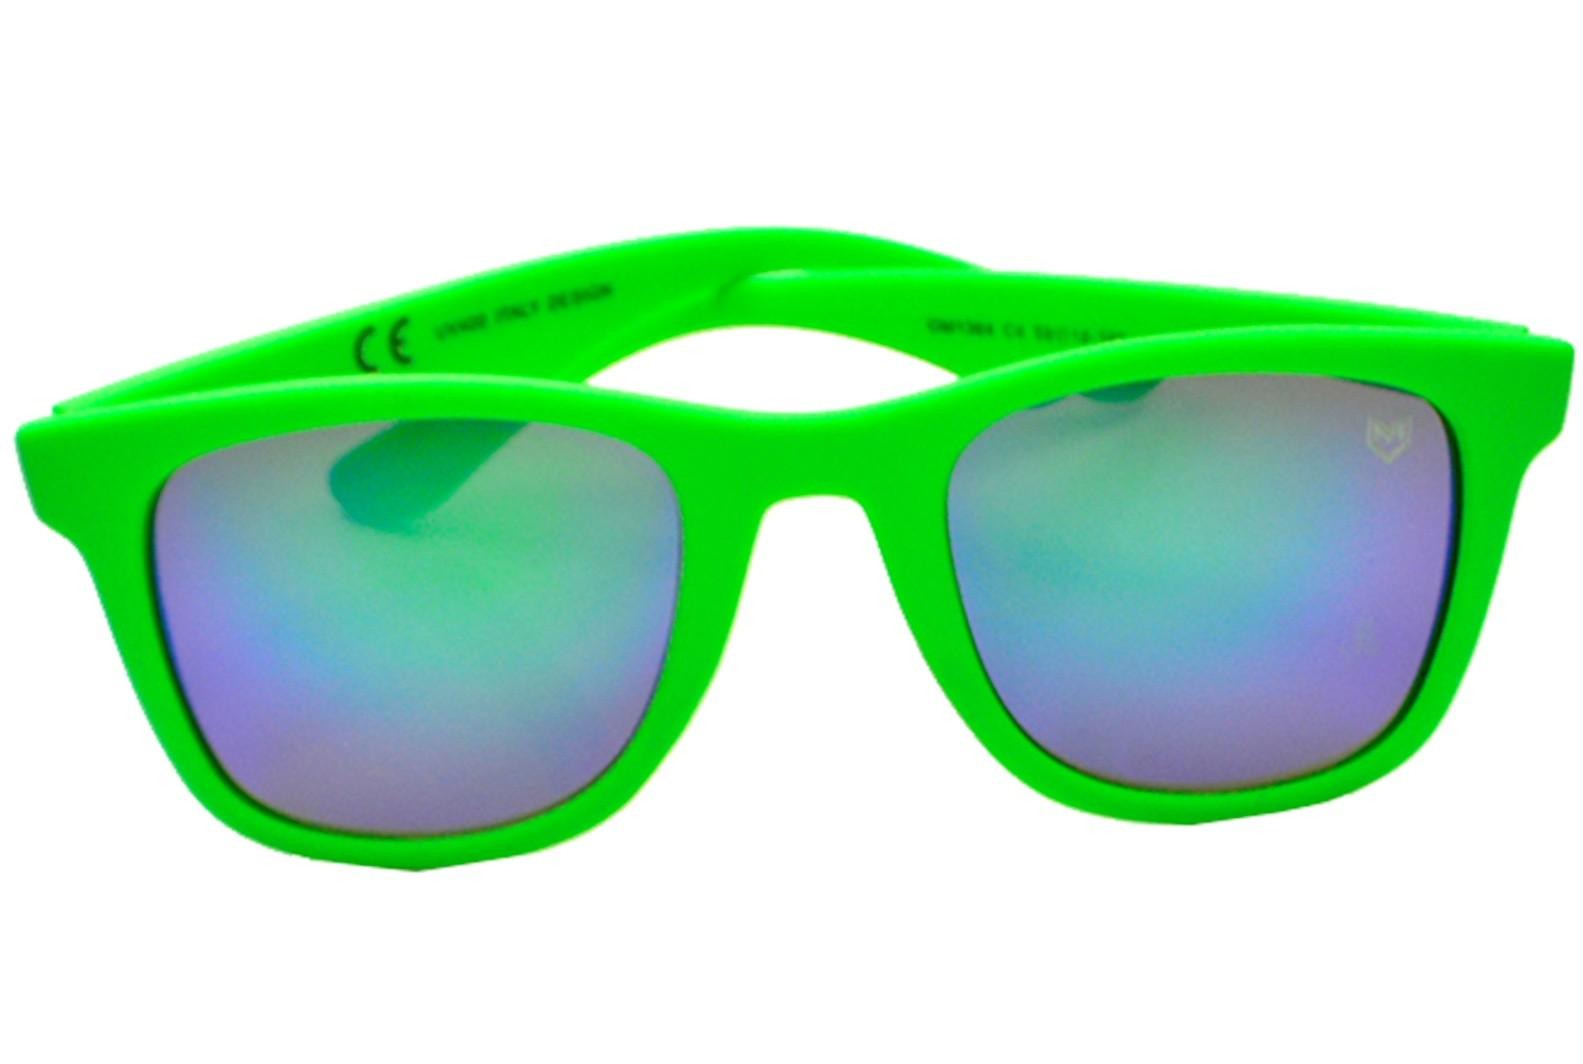 Óculos De Sol Mackage Unissex Acetato Esportivo - Verde Emborrachado